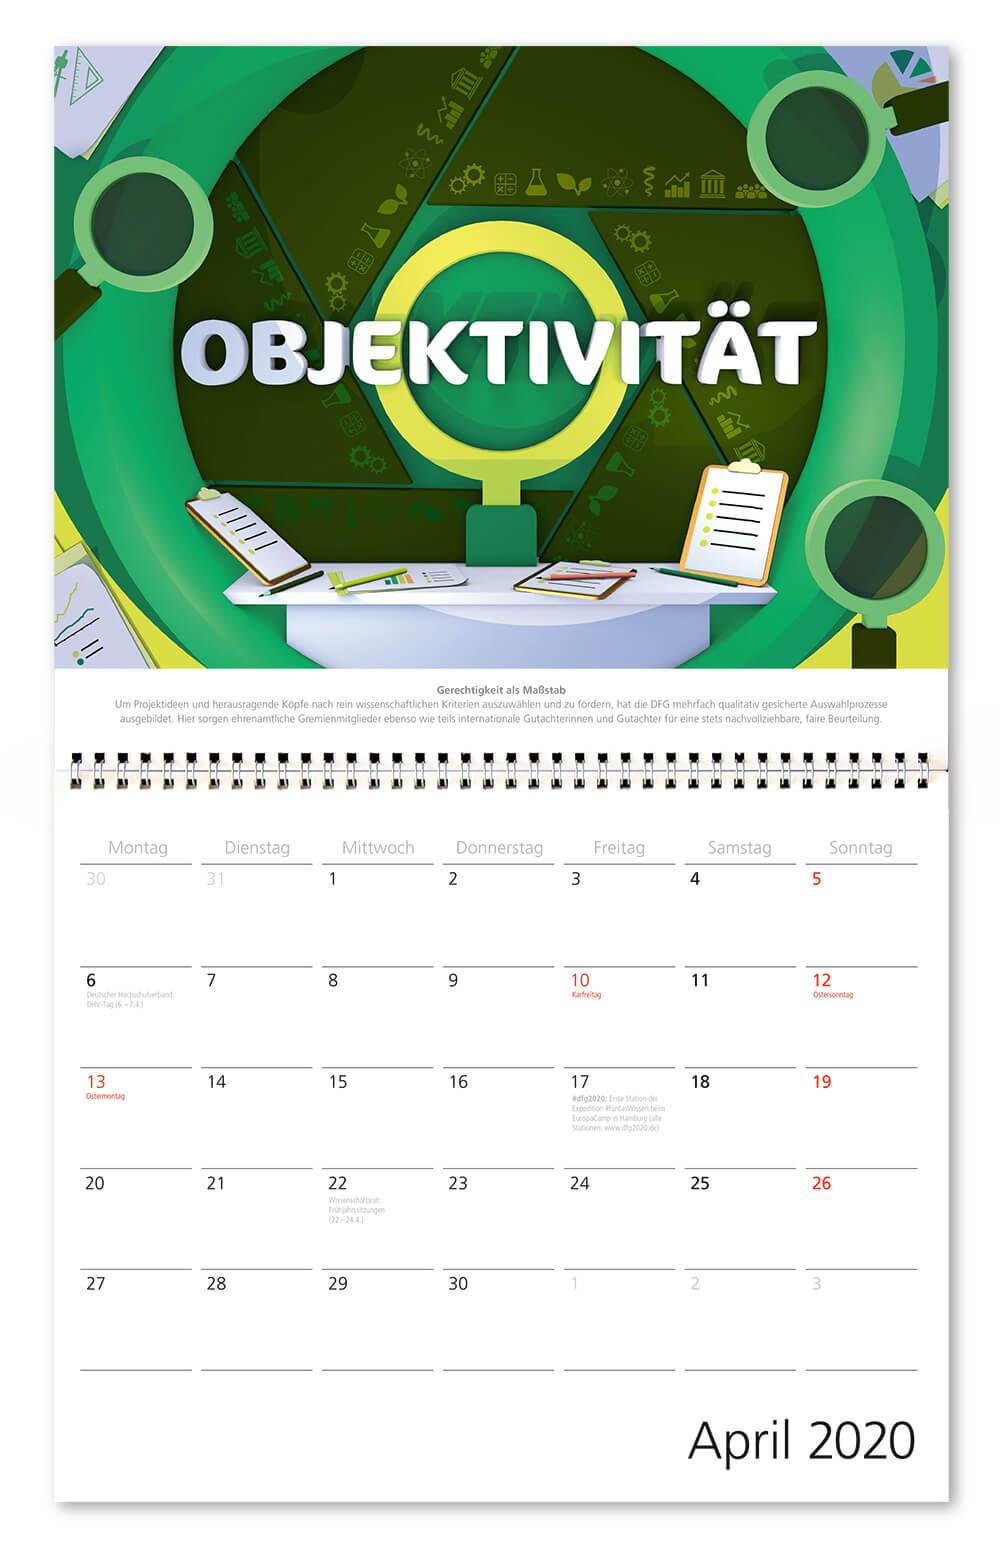 100 Jahre Deutsche Forschungsgemeinschaft / DFG / Wandkalender 2020 / April: Objektivität / Design: Daniela Leitner